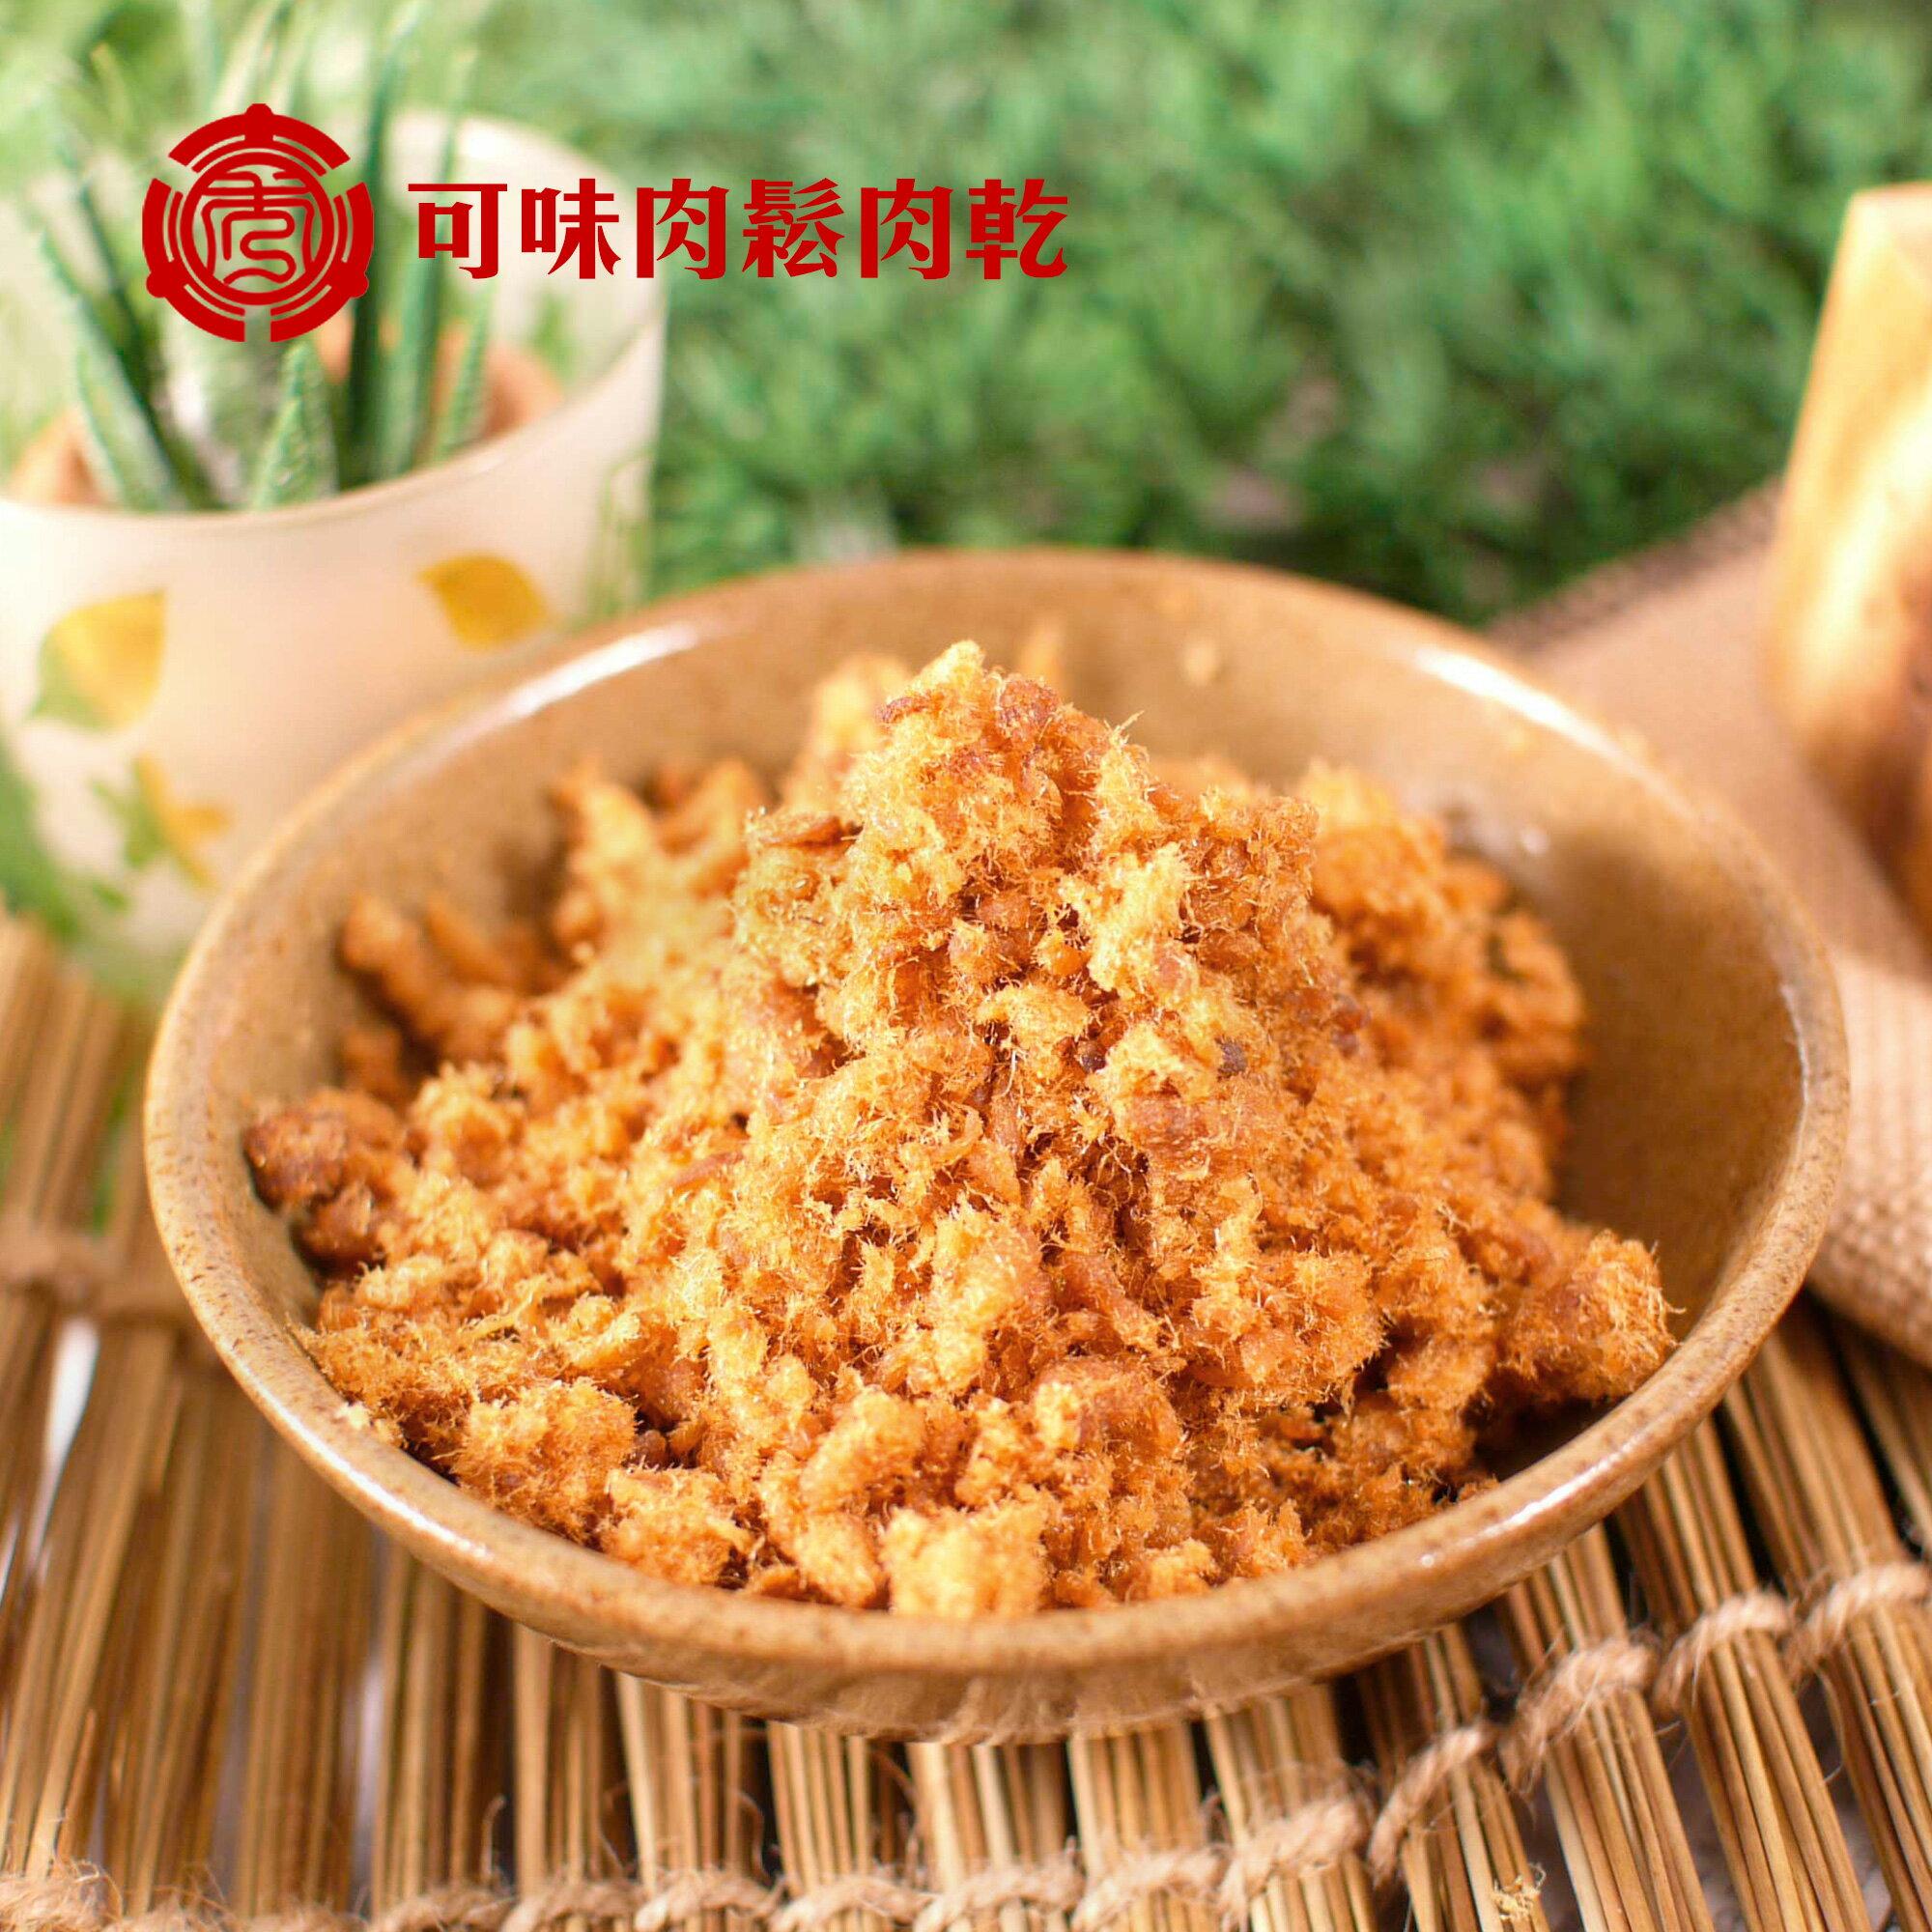 鮮活旗魚脯(細嫩) 獨享包(淨重125g/包)/魚鬆/魚酥/魚脯/旗魚/【可味肉鬆肉乾】